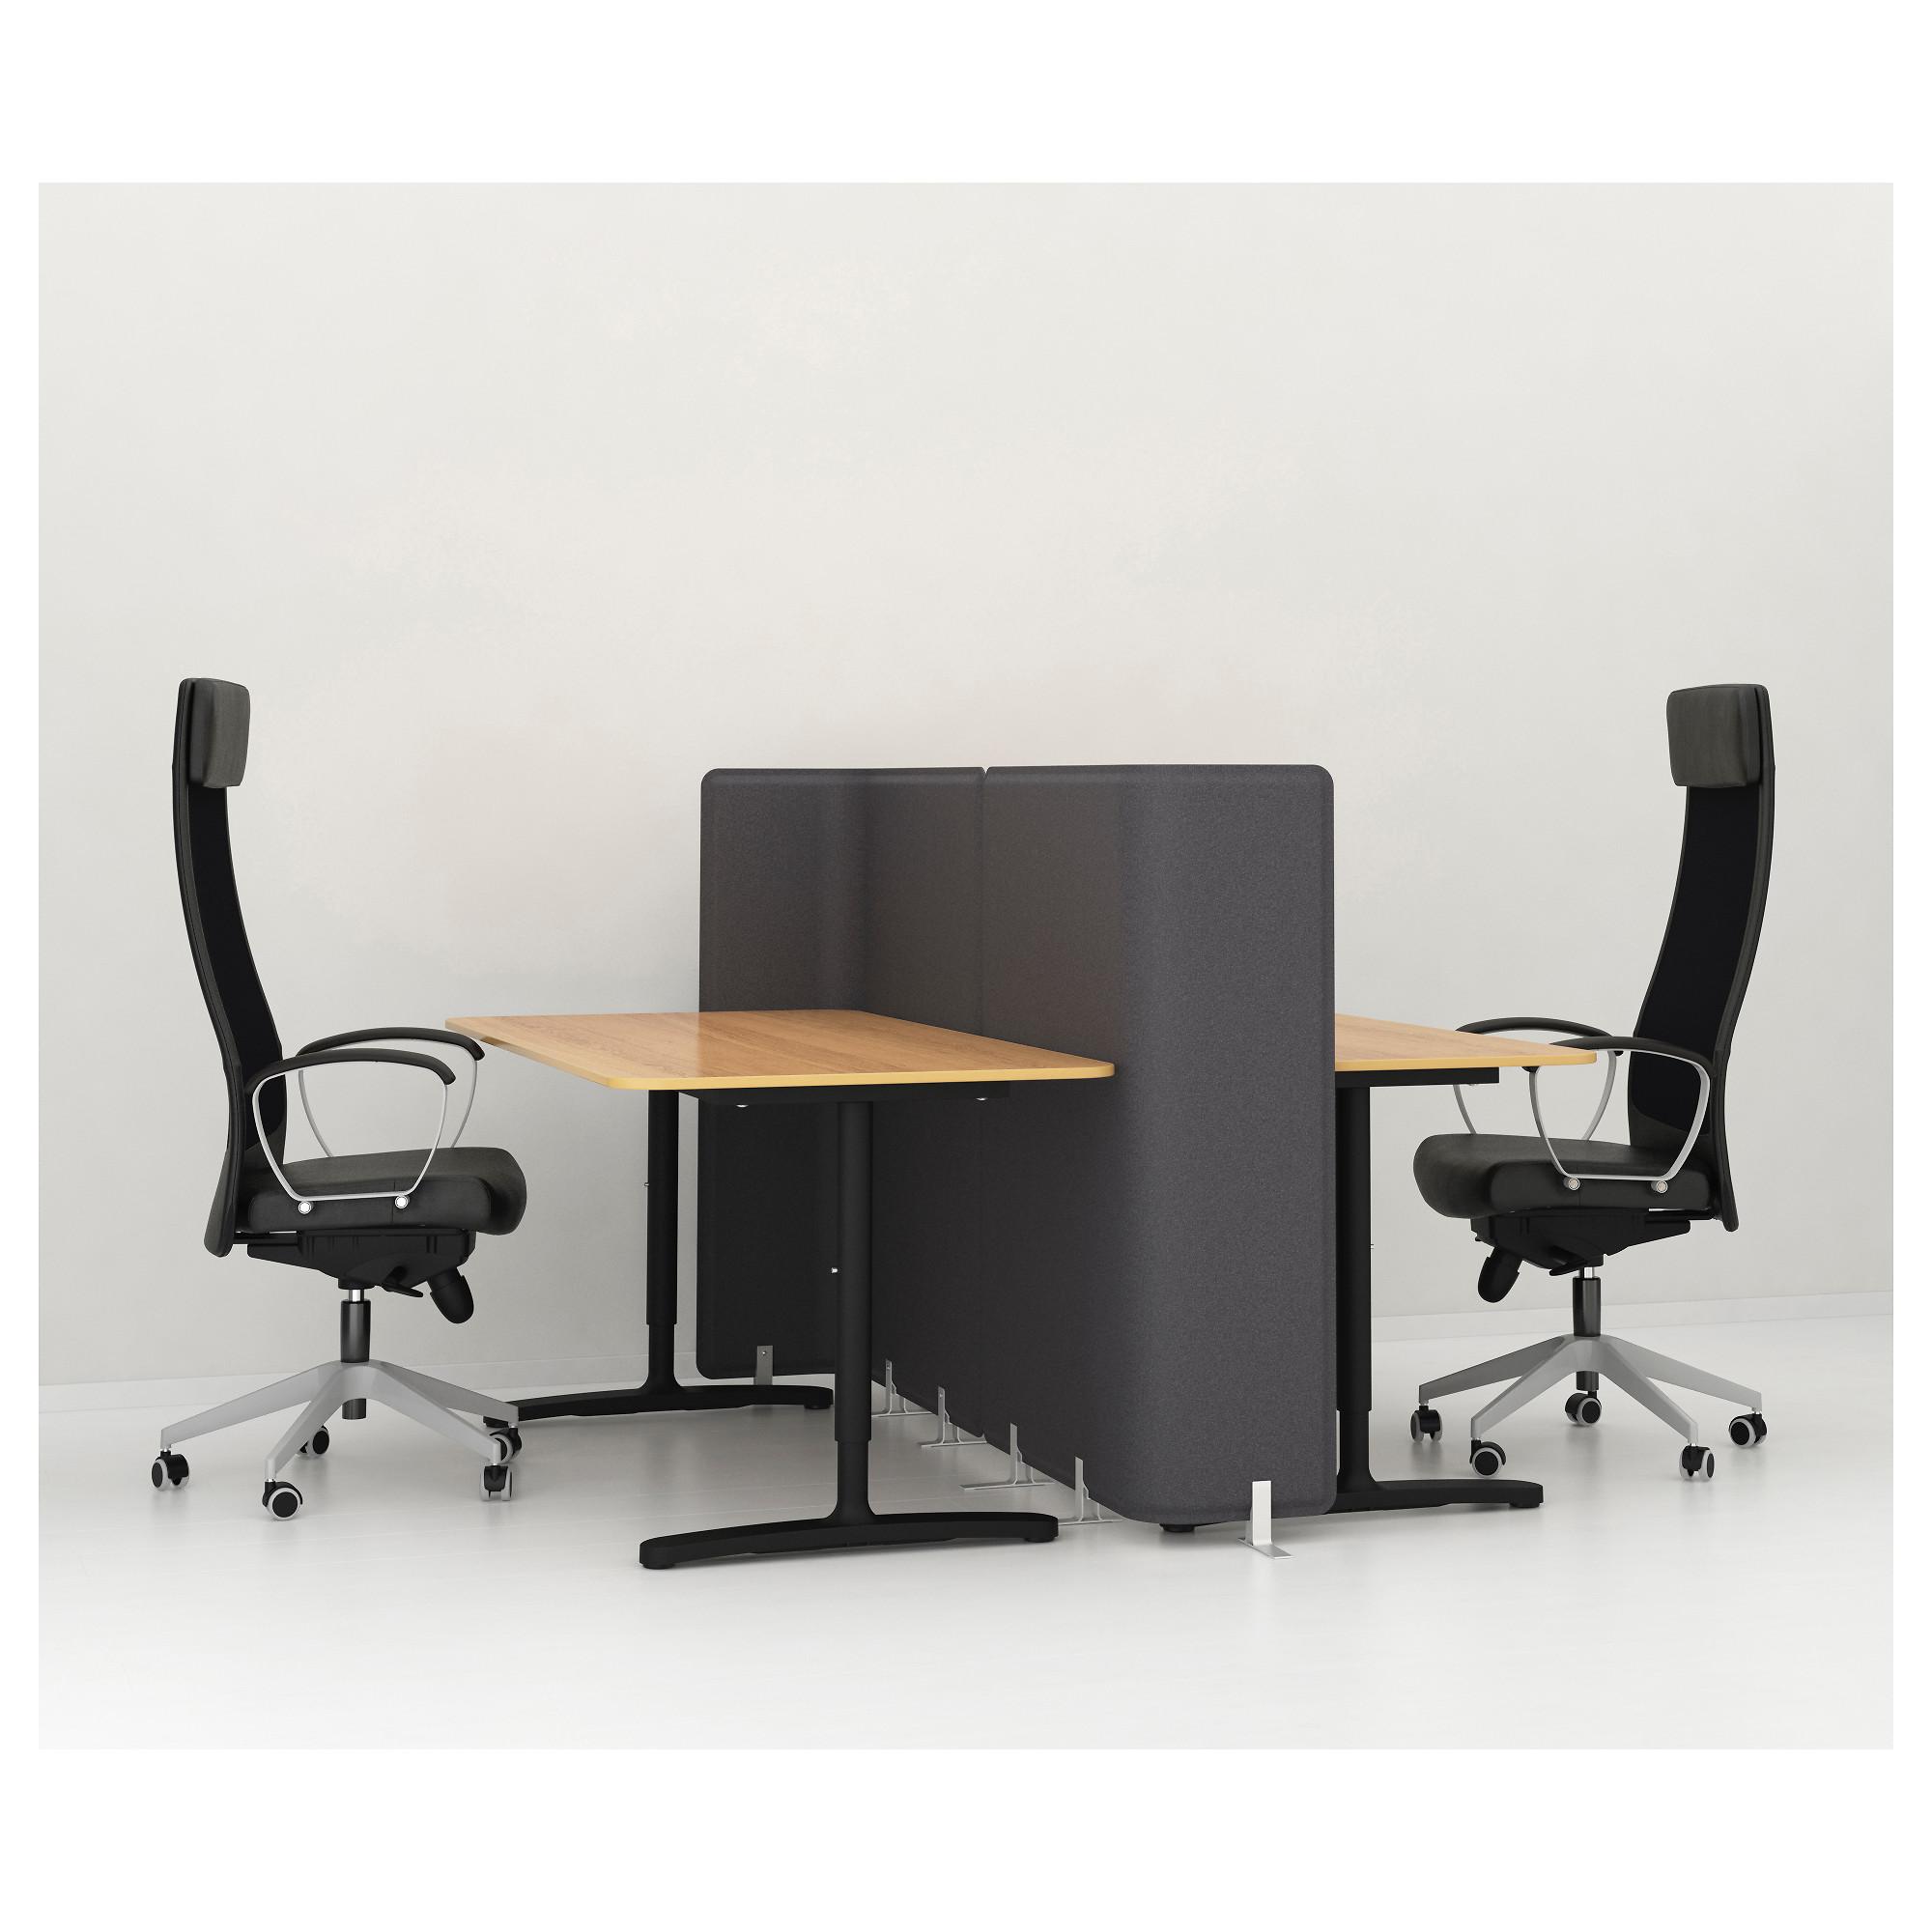 Письменный стол БЕКАНТ черный артикуль № 492.786.33 в наличии. Онлайн магазин ИКЕА РБ. Быстрая доставка и установка.